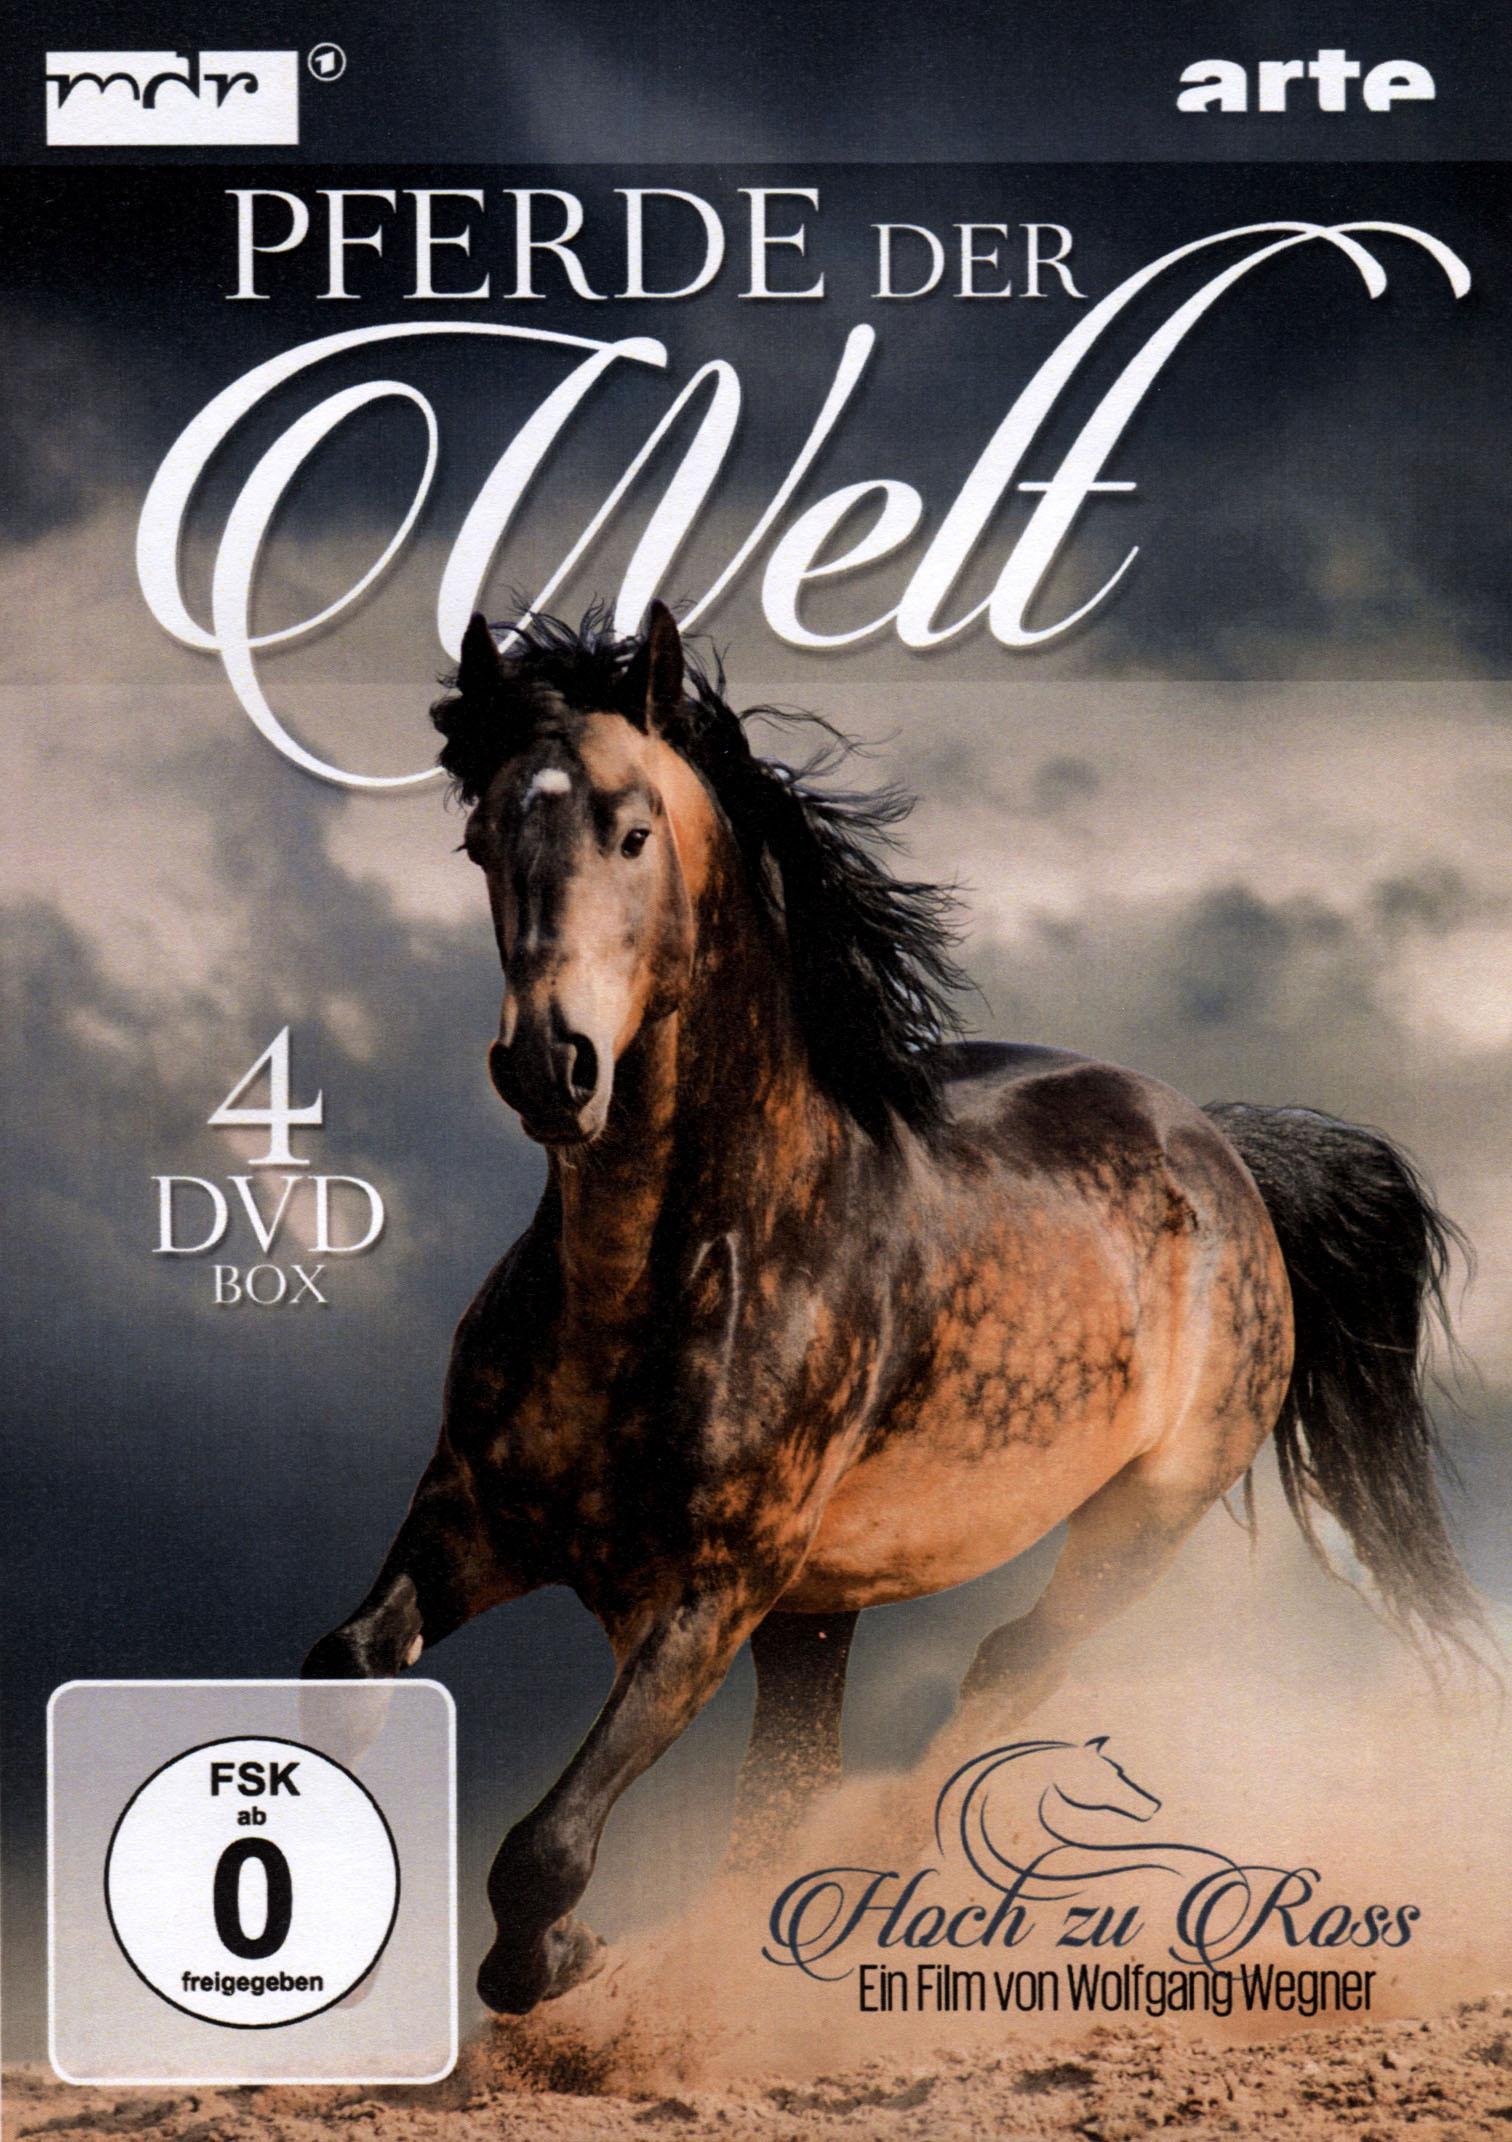 Pferde der Welt: Hoch zu Ross